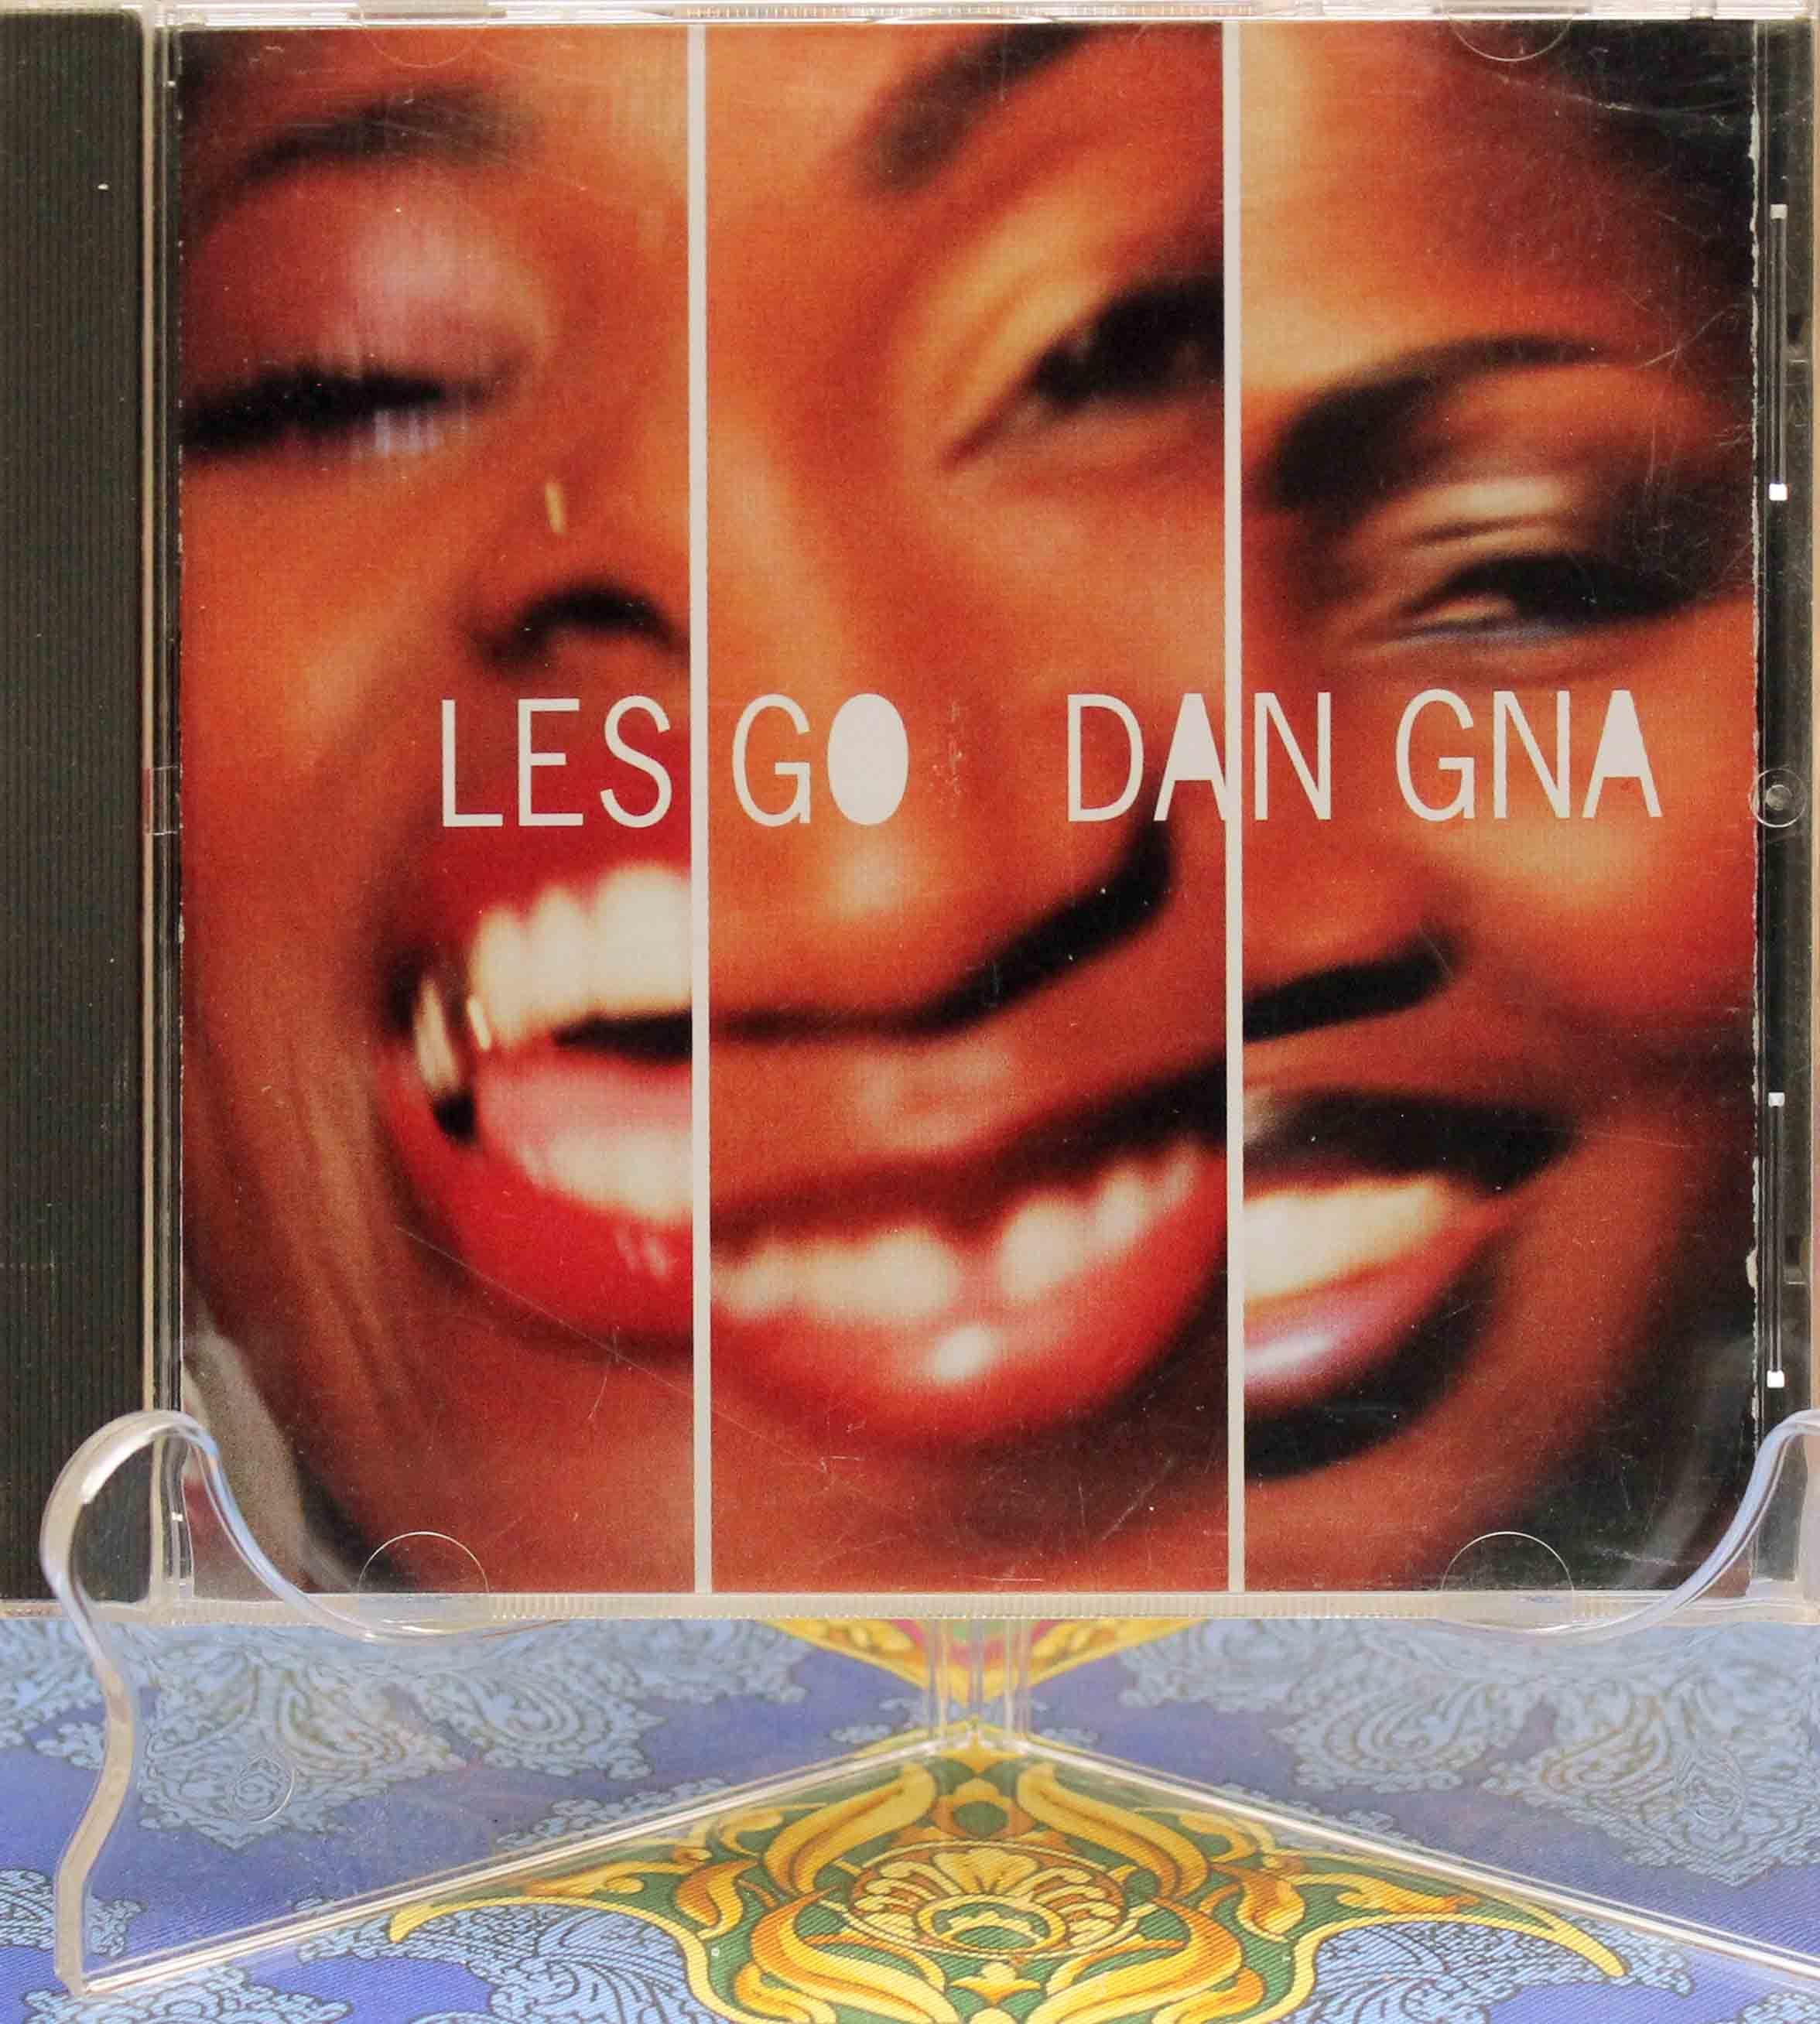 Les Go – Dan Gna 04